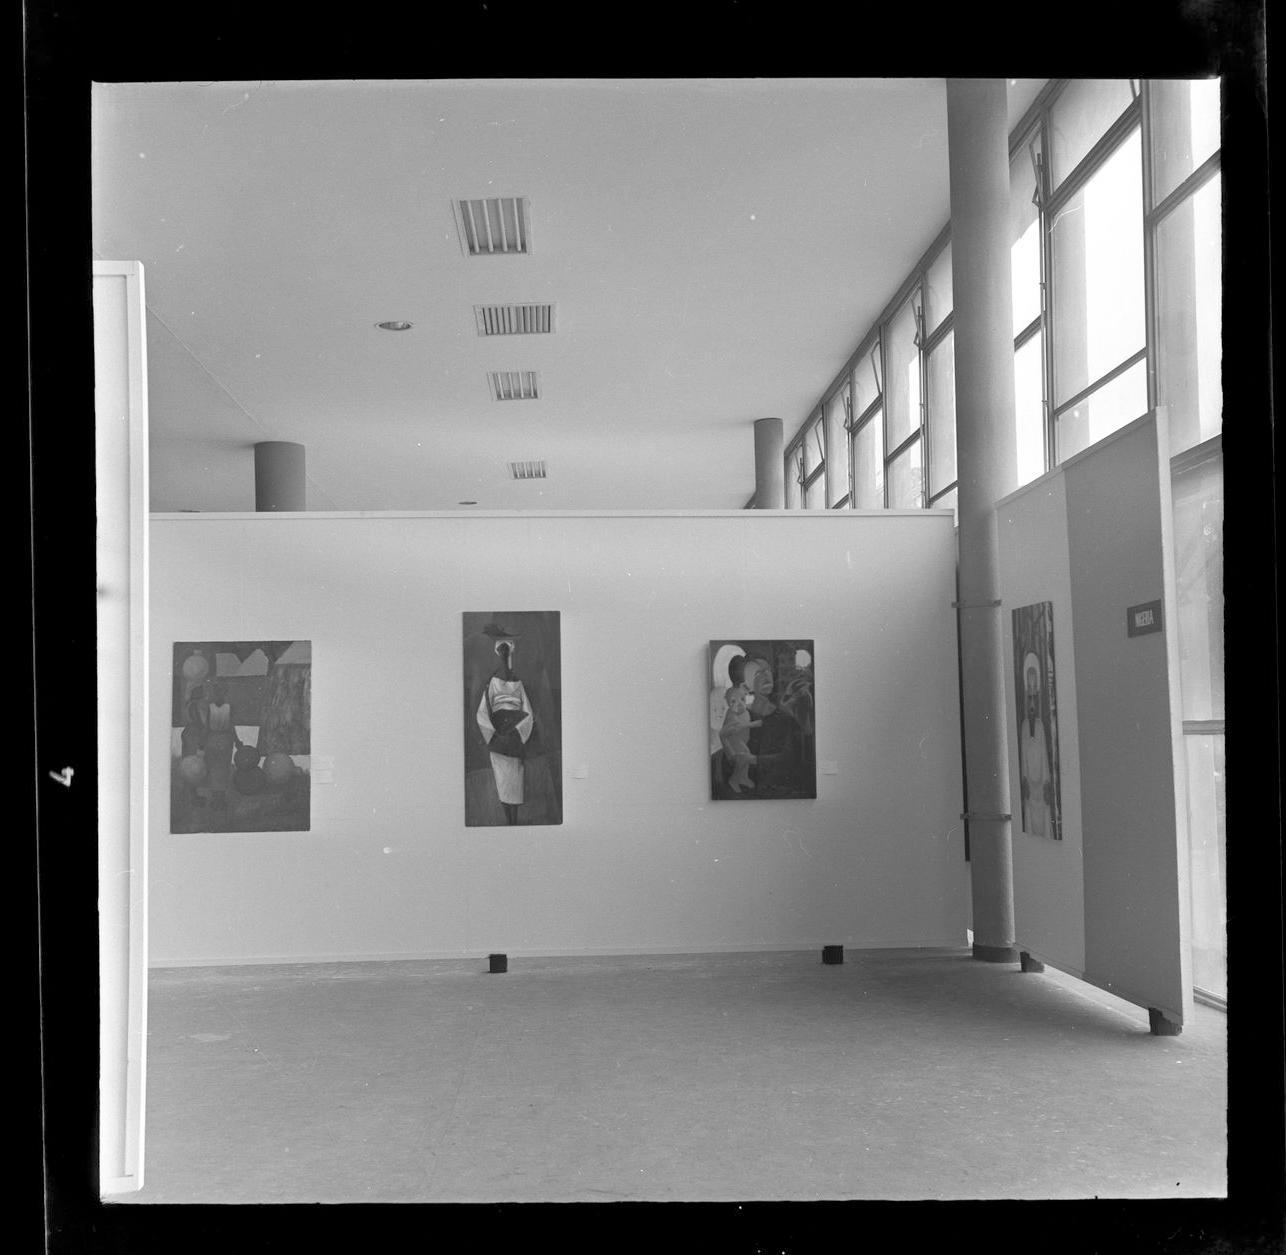 Registro da Sala da Costa do Marfim, na 6ª Bienal (1961). Foto de Athayde de Barros / Fundação Bienal de São Paulo